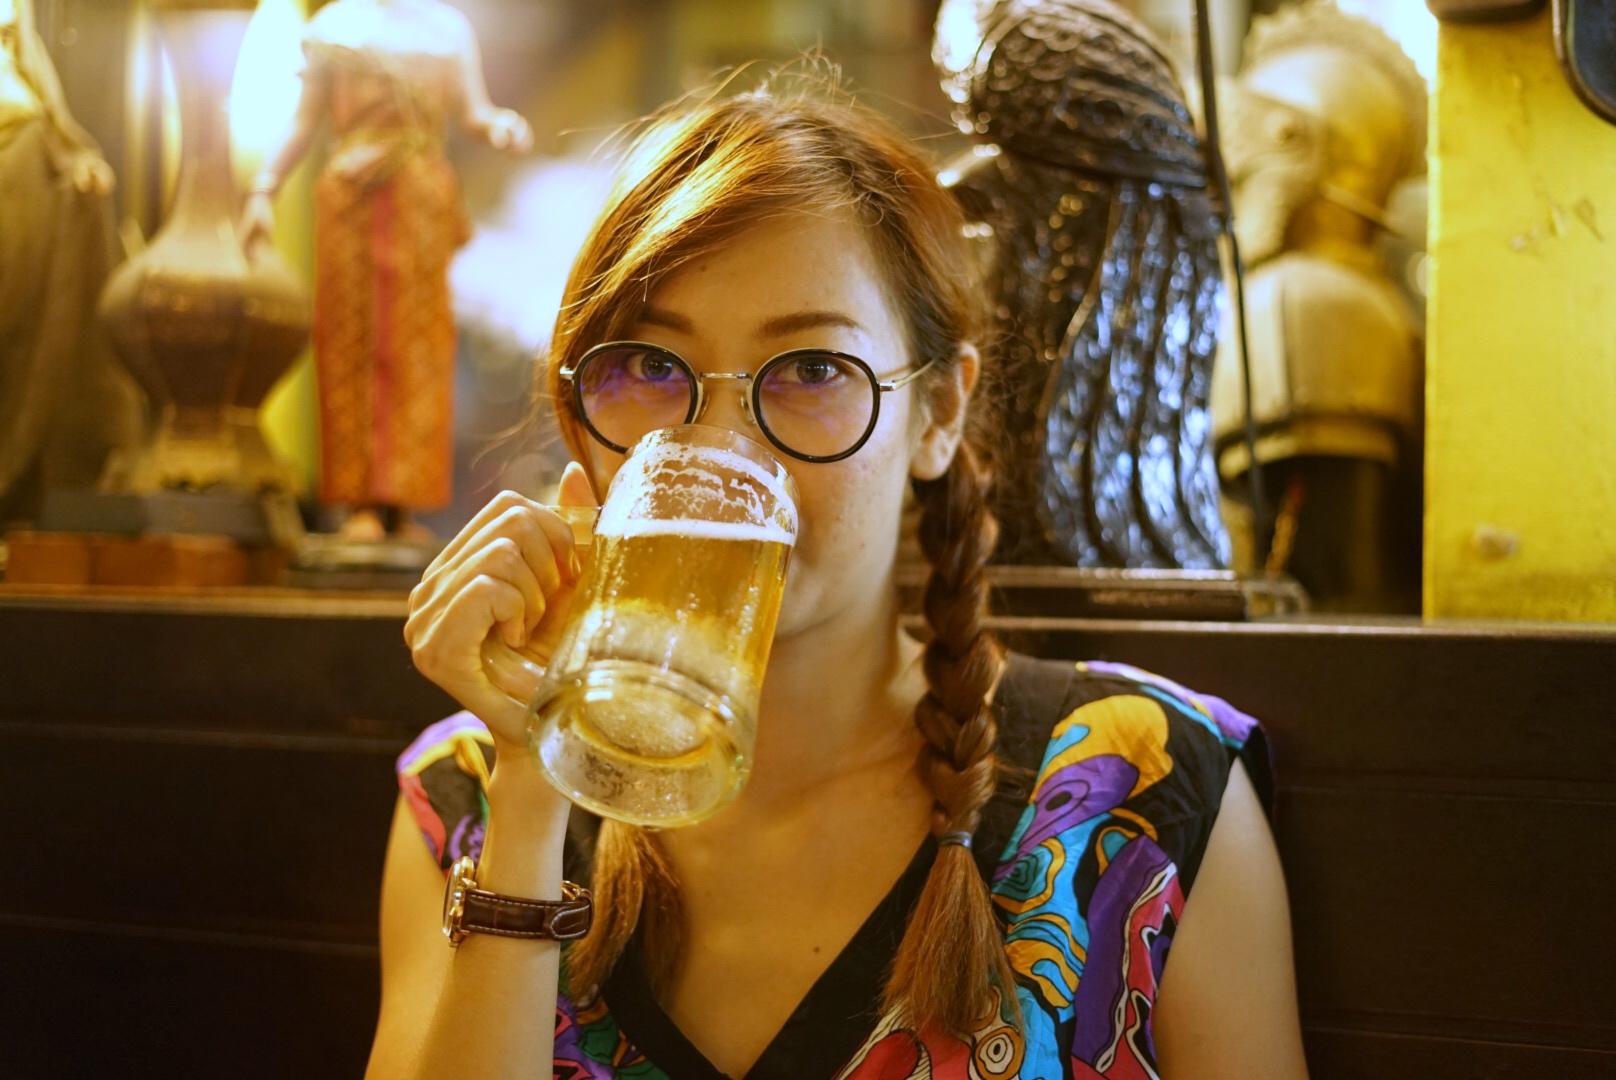 Chicas tomando cerveza - 1616x1080